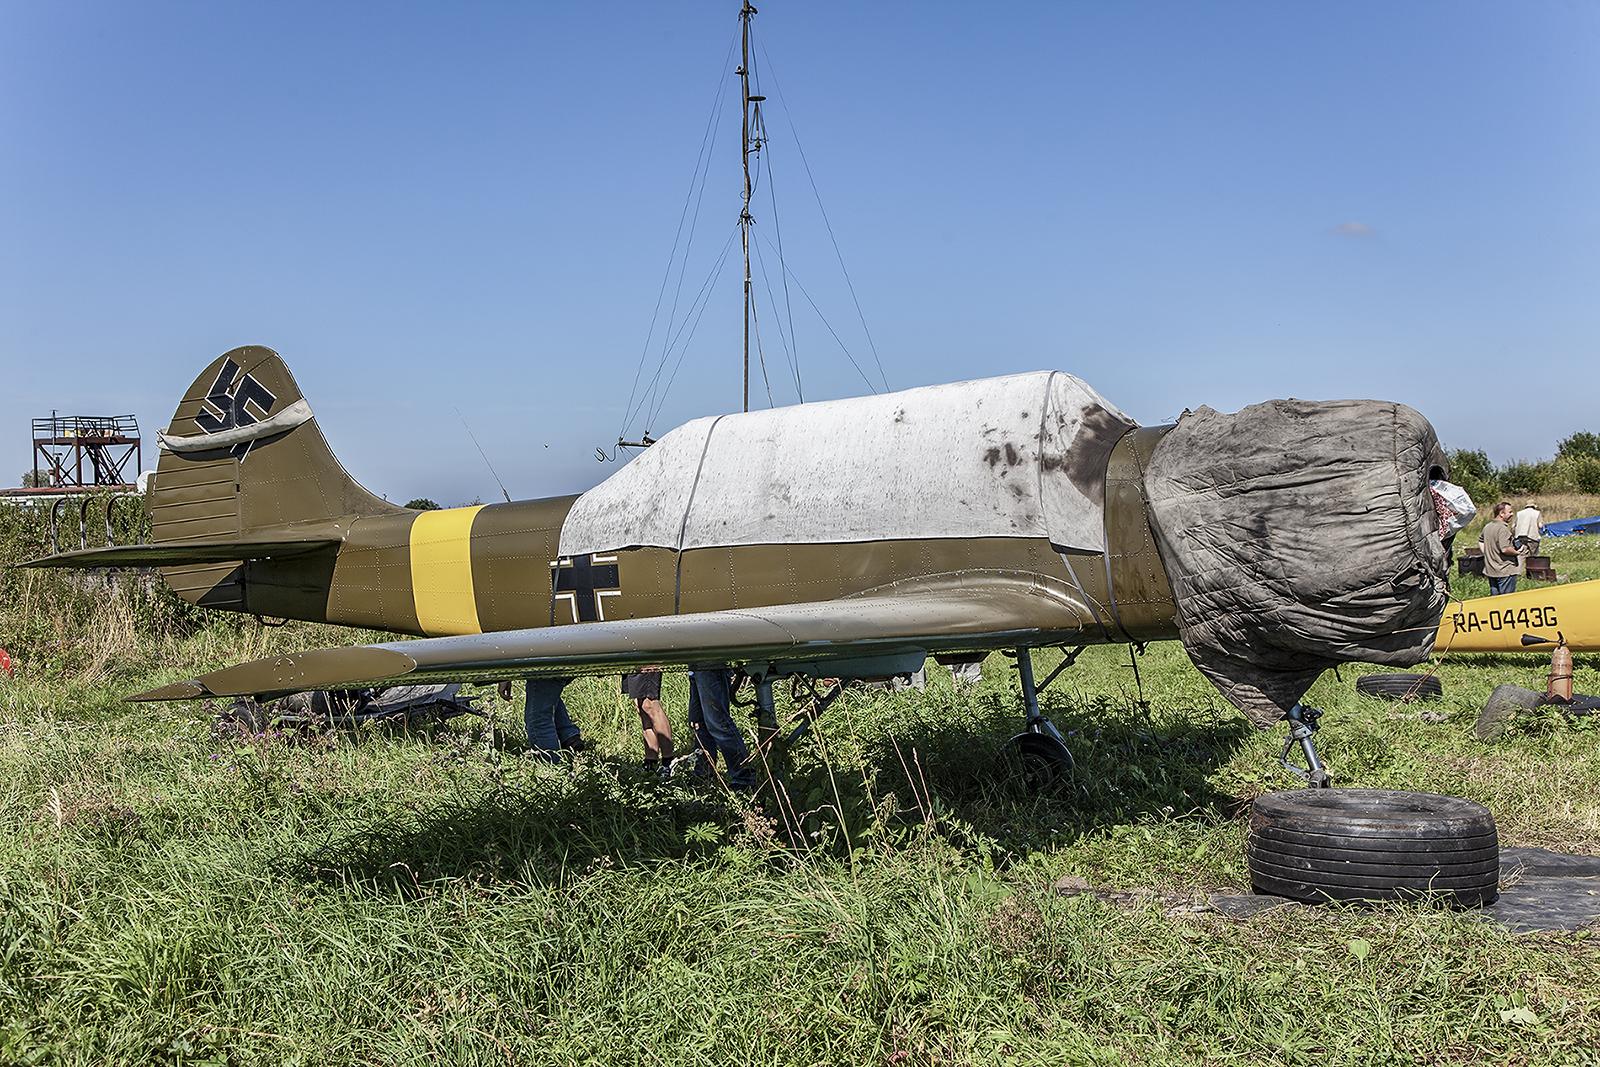 Ich glaube nicht, dass die Wehrmacht diesen Flugzeugtyp in ihrem Bestand hatte.